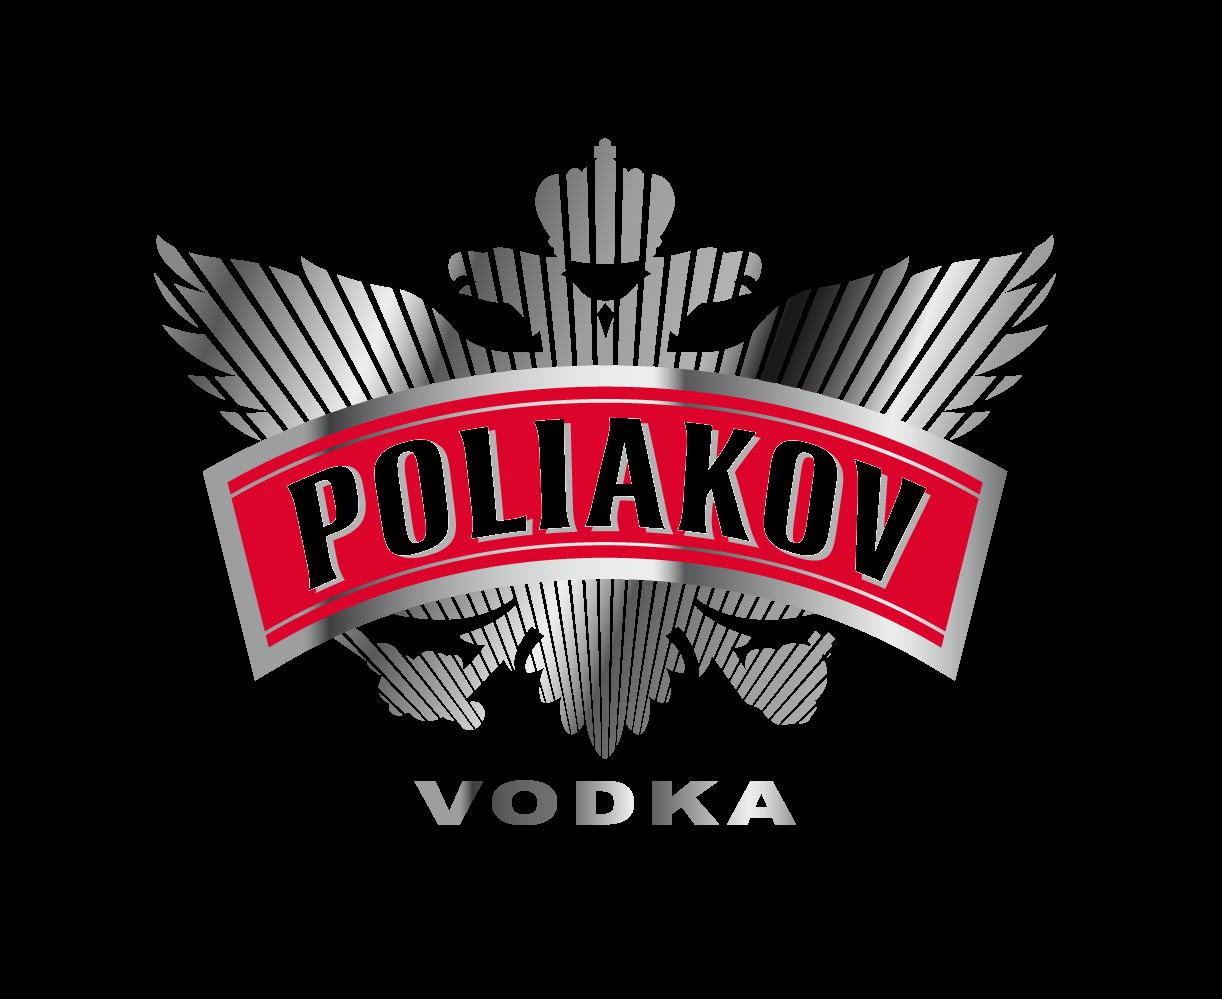 http://pressroom.vodka-poliakov.com/age-verifier/